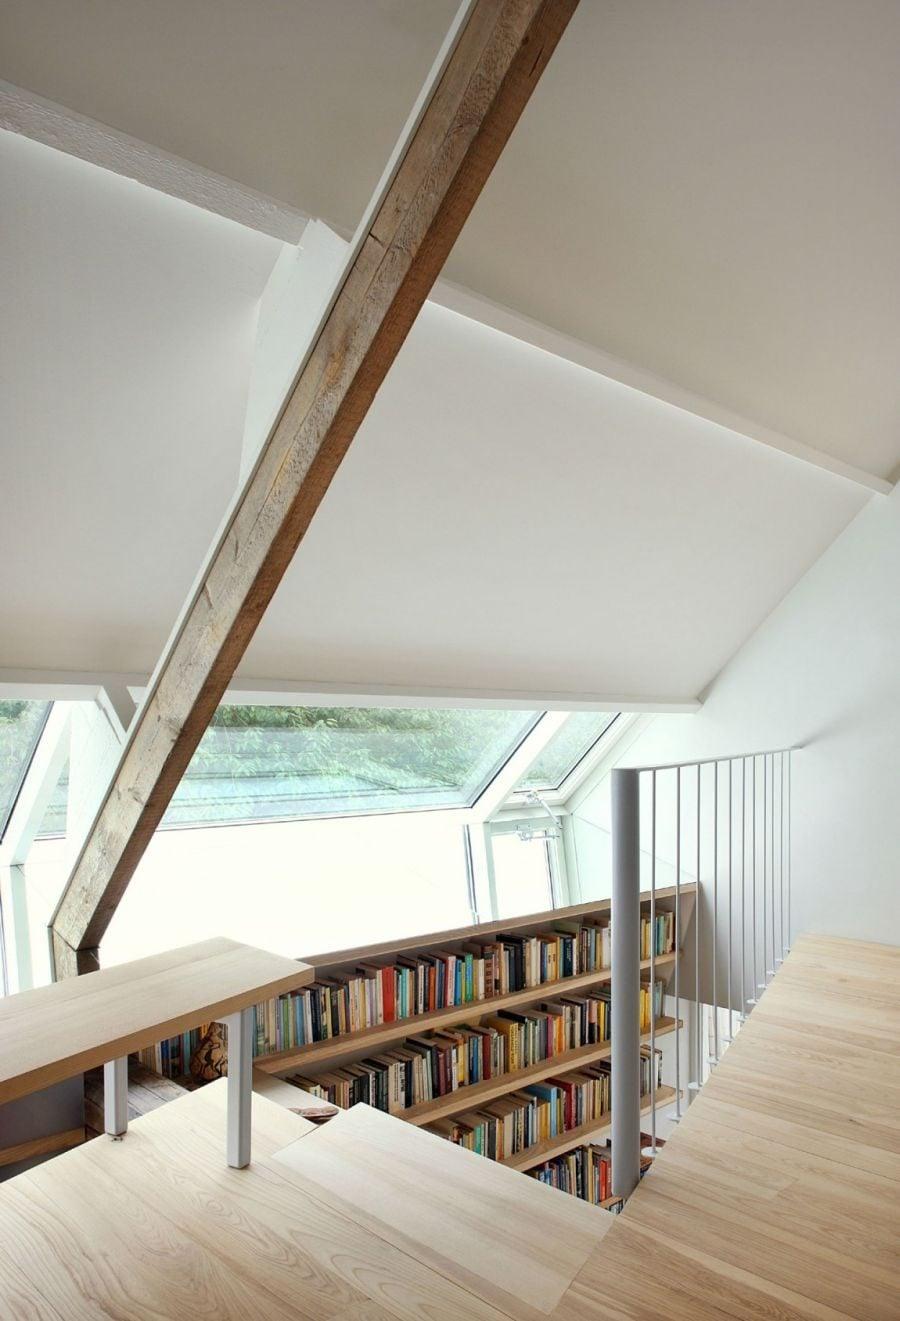 814 House G Ngôi nhà đẹp và ấn tượng được cải tạo từ một kho thóc cũ qpdesign